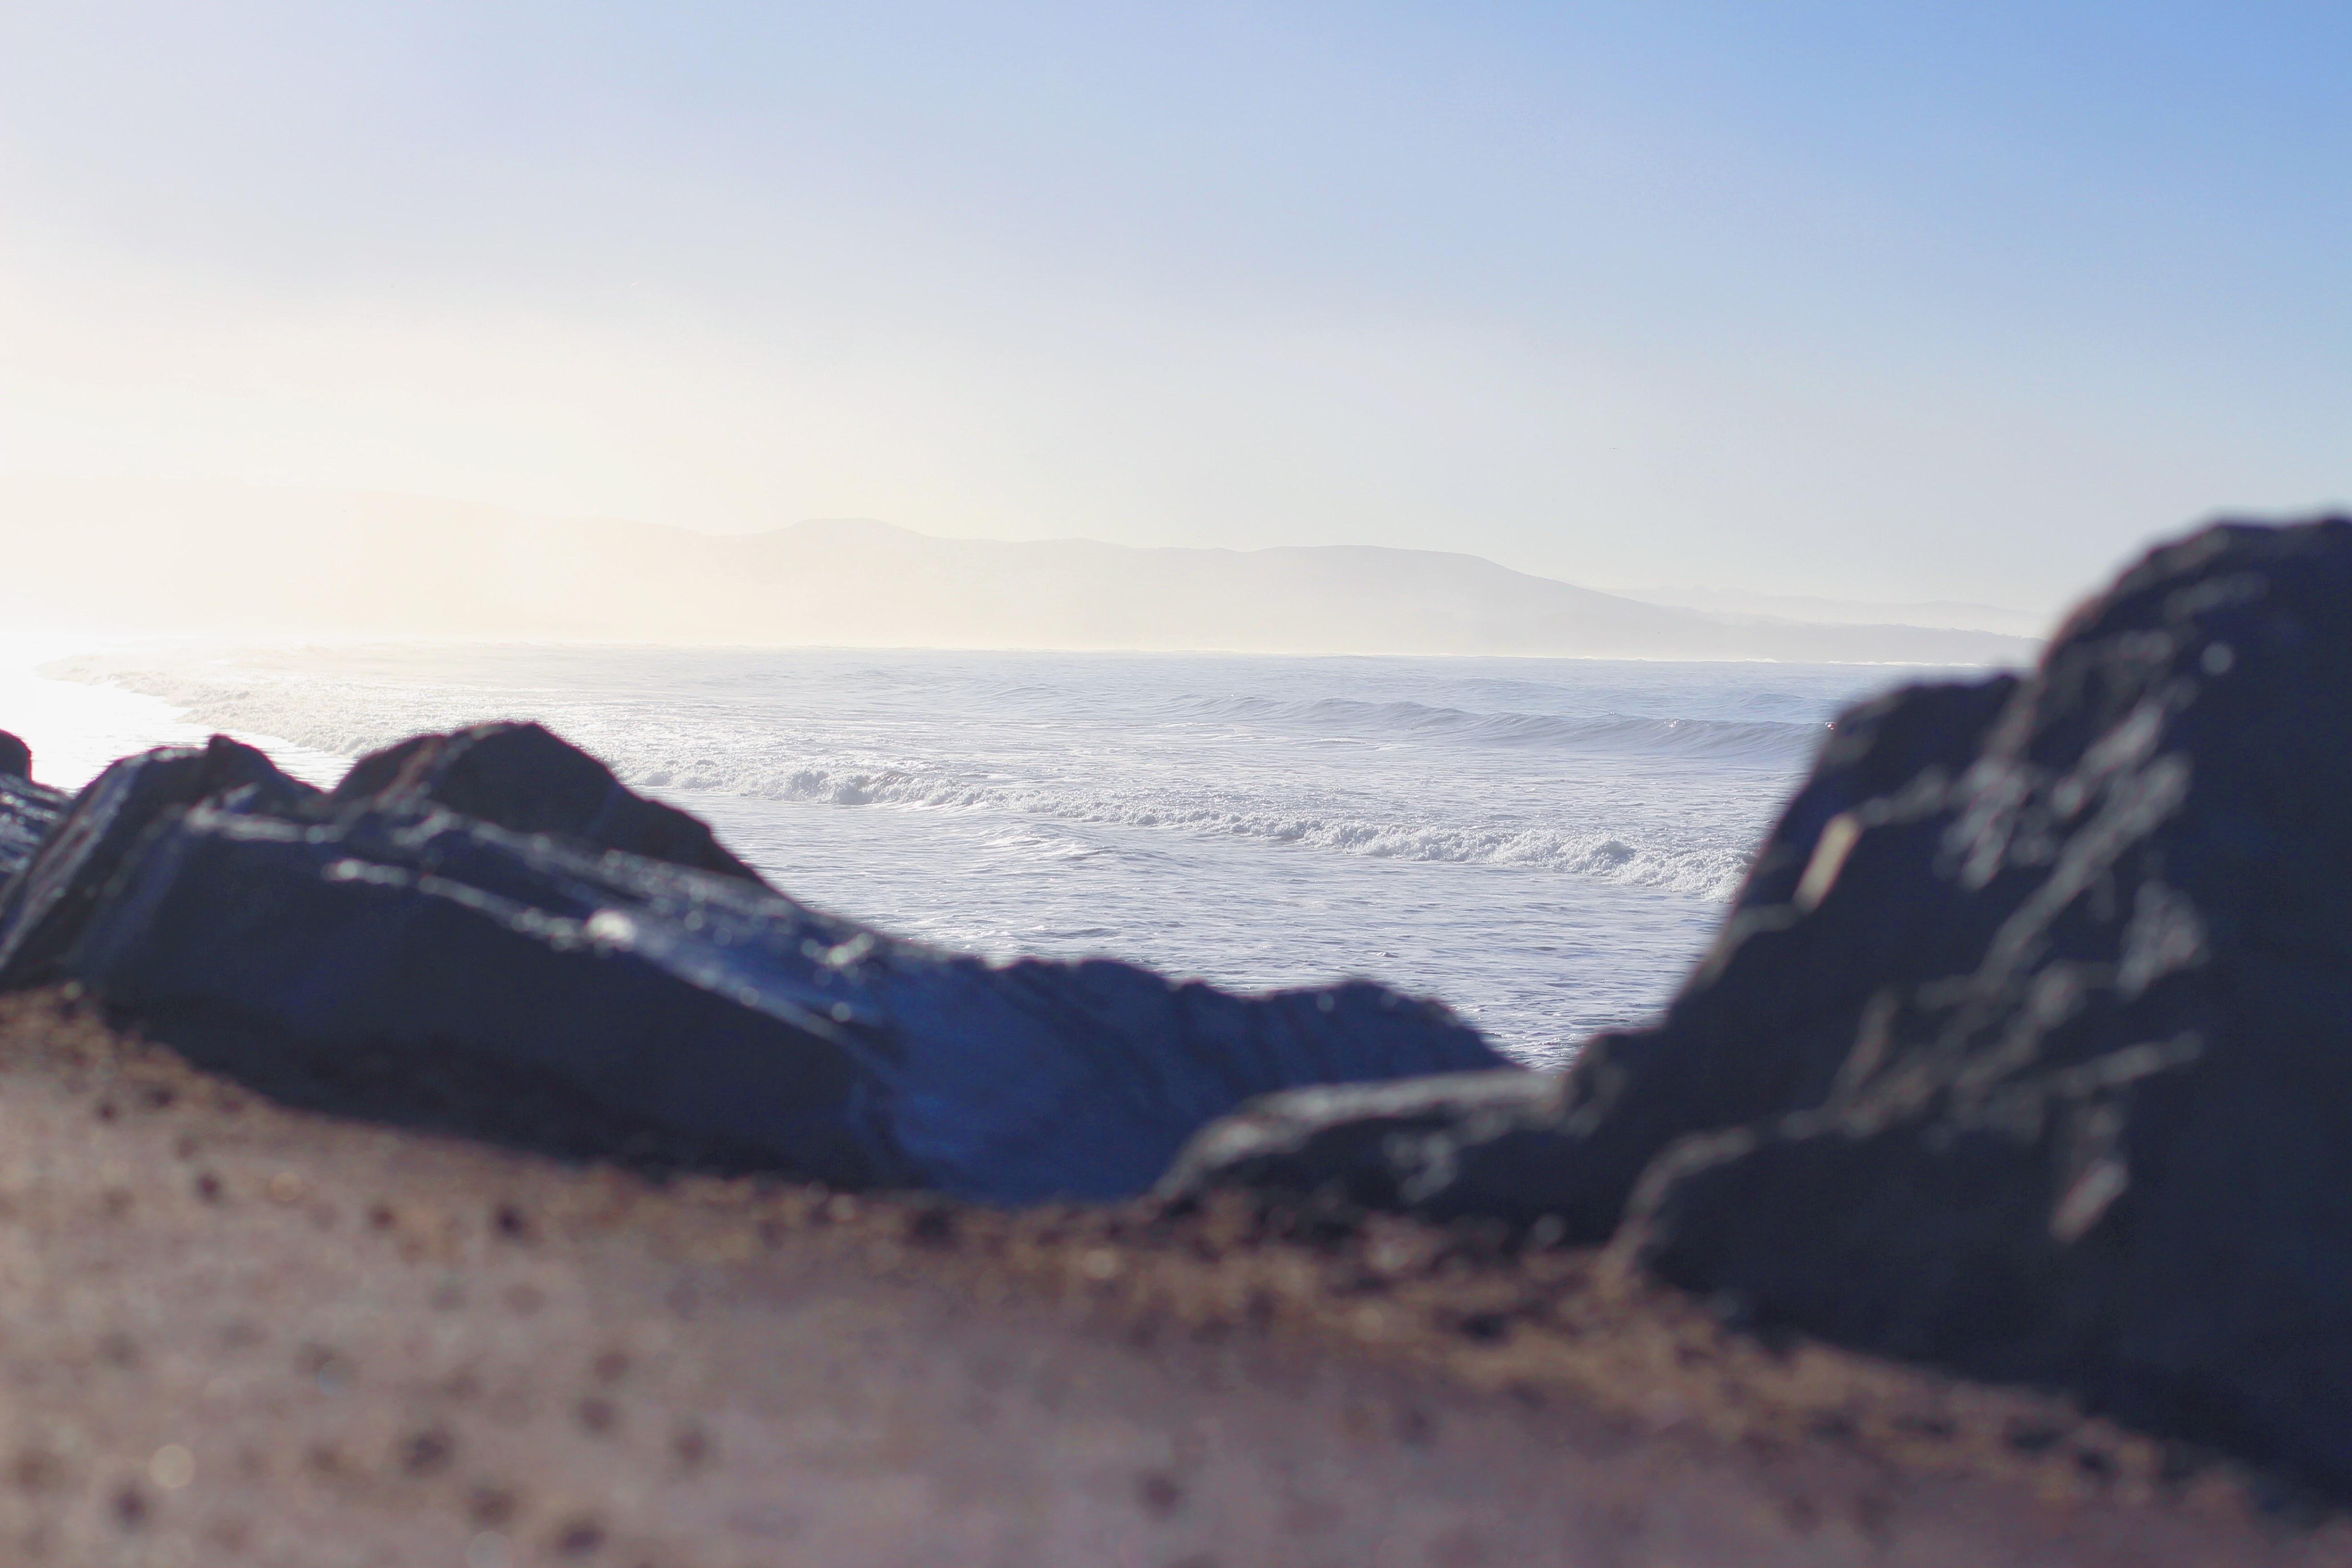 rock mountain near body of water